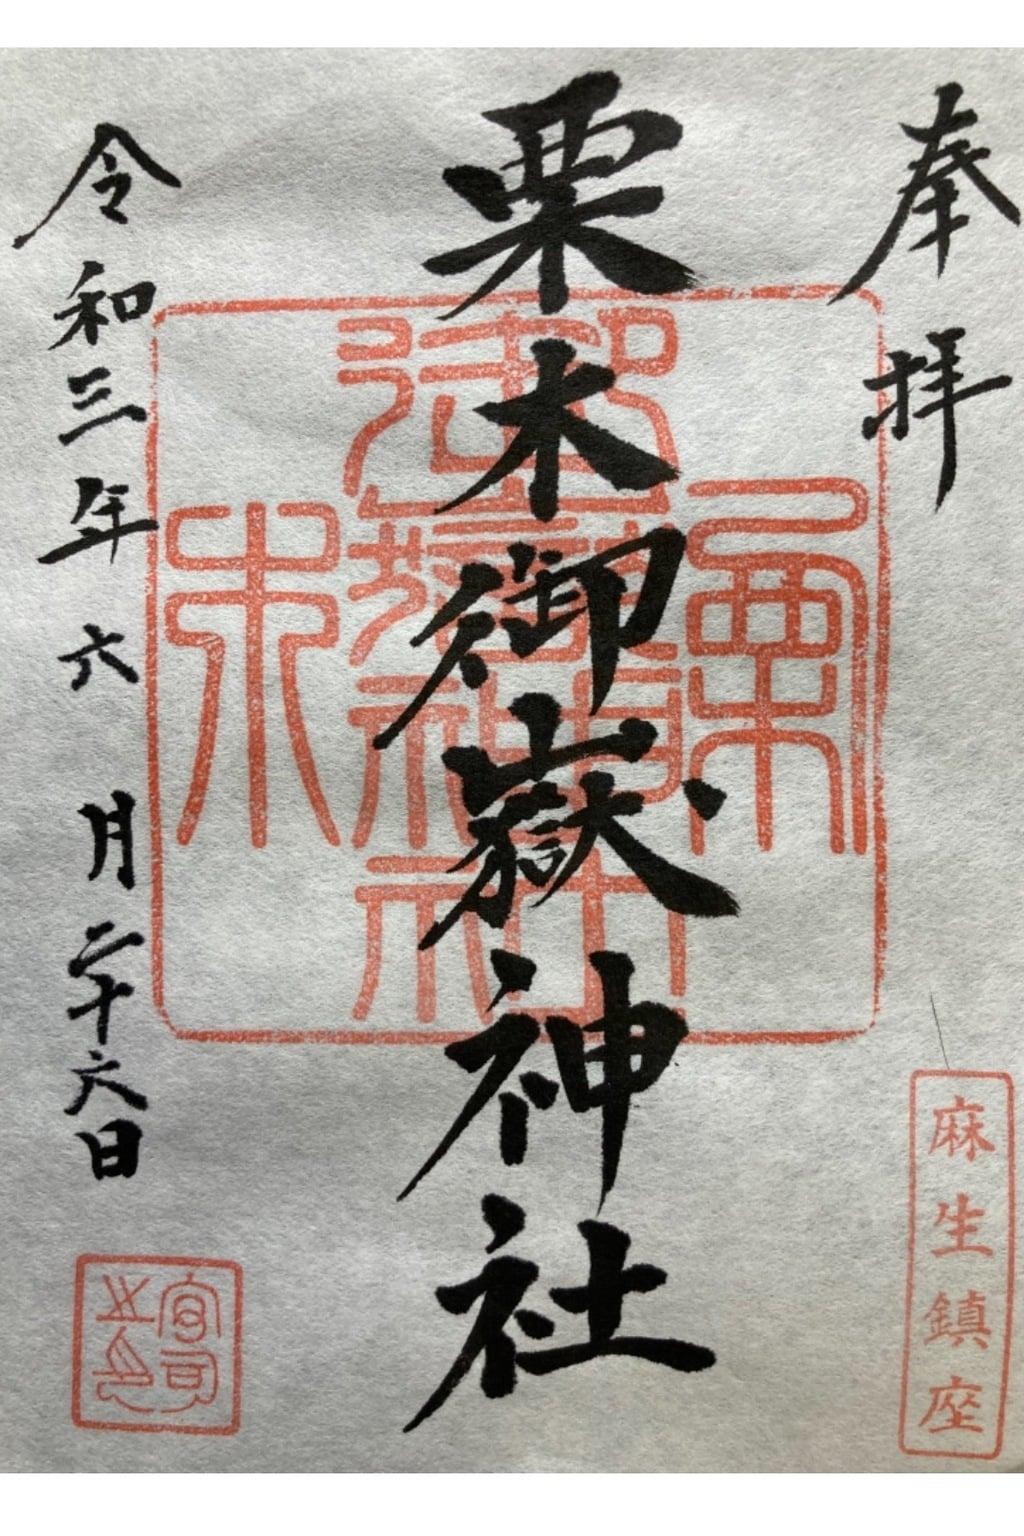 栗木御嶽神社の御朱印